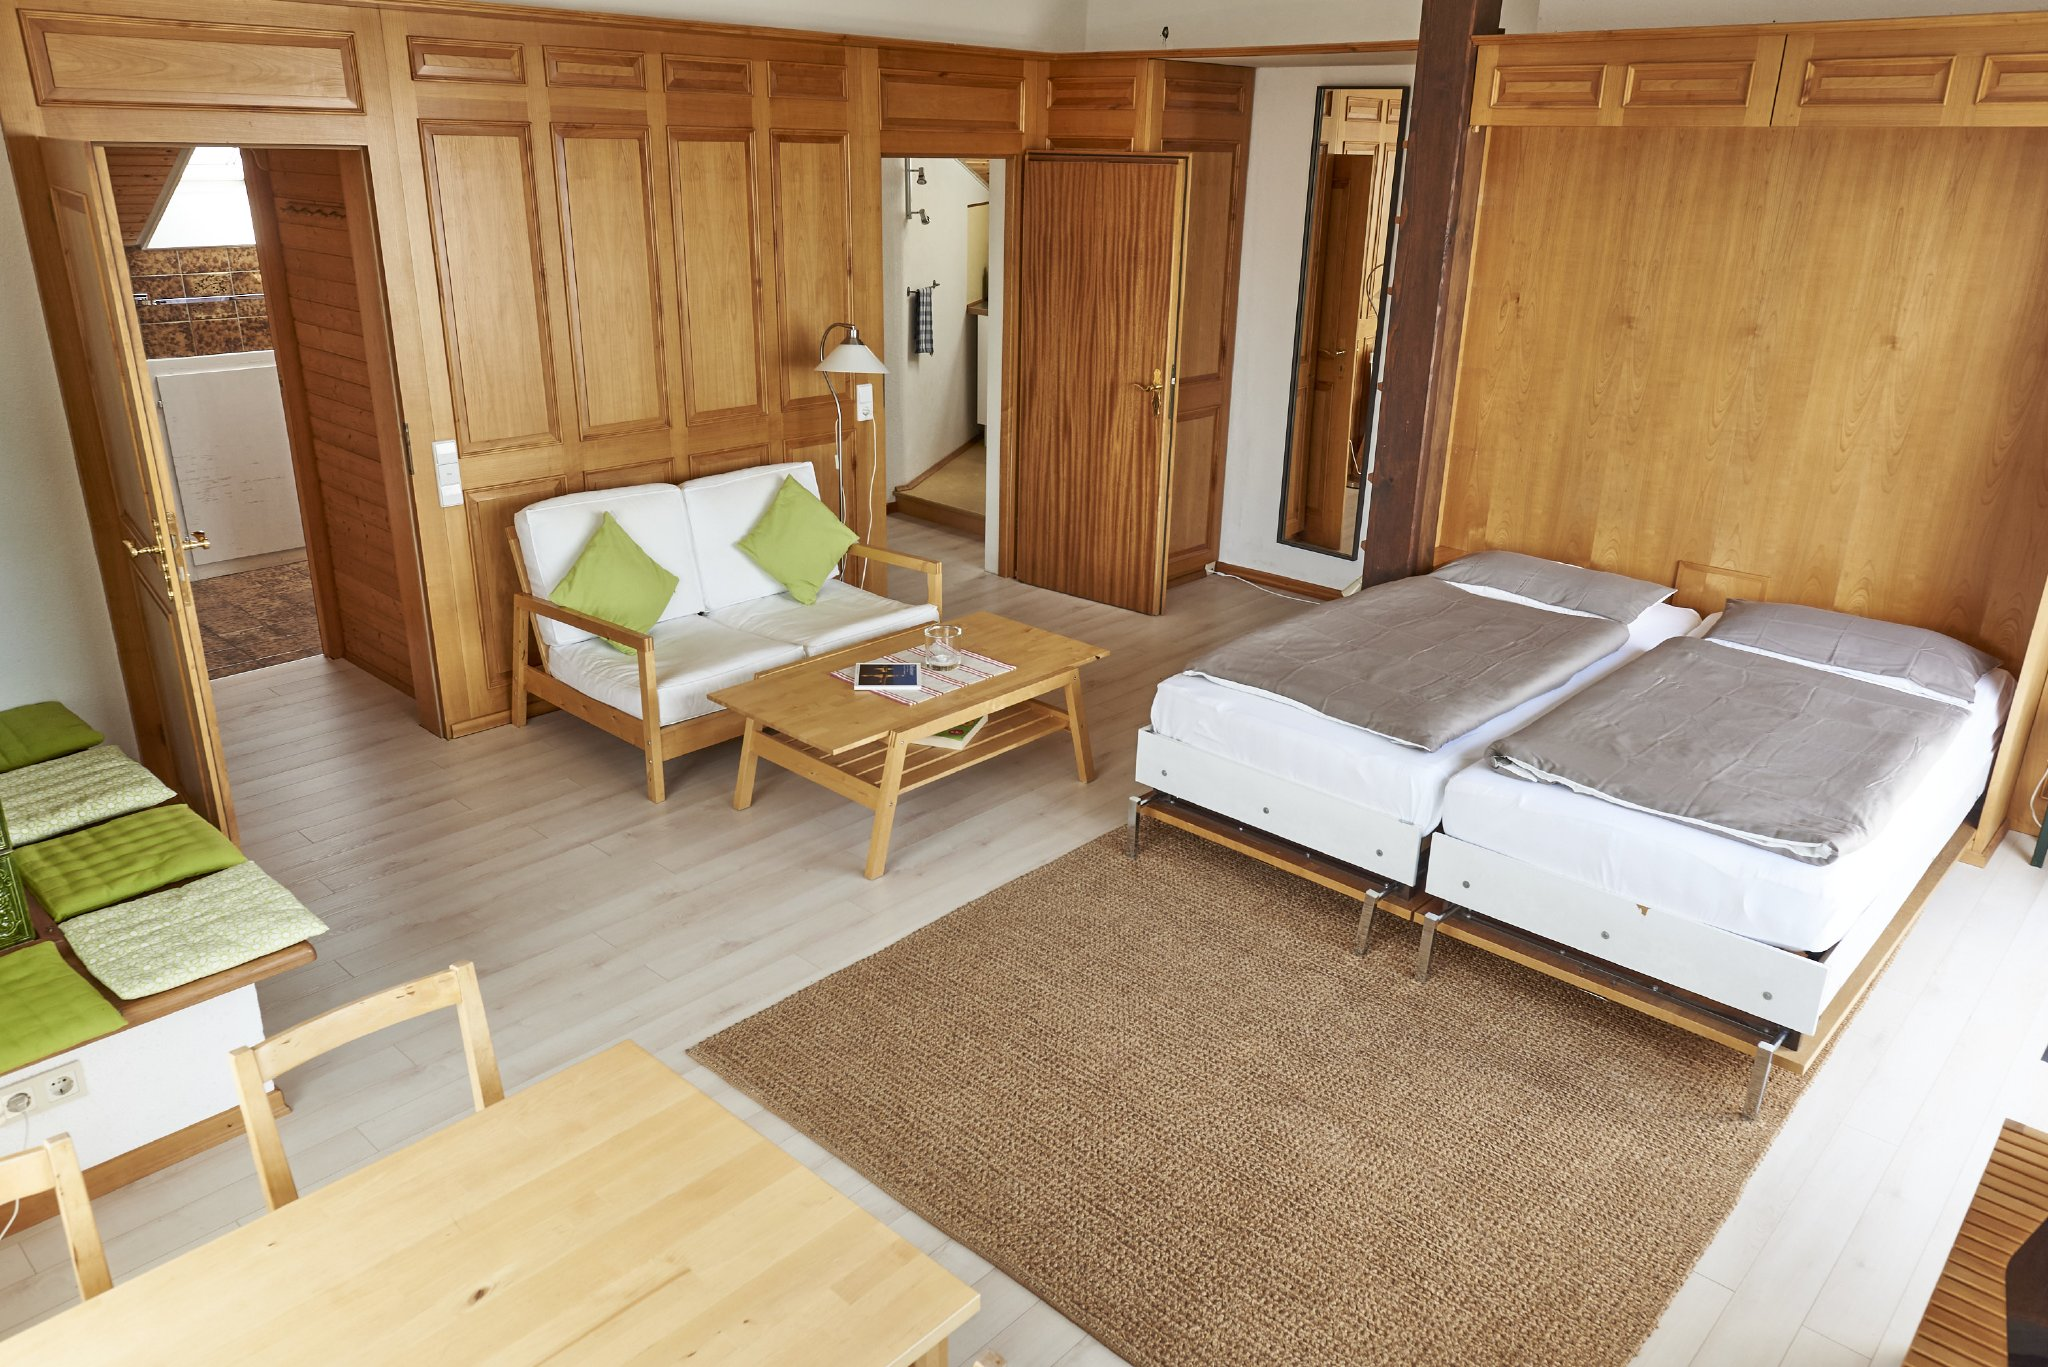 Wohn-/Schlafzimmer mit Schrankbetten